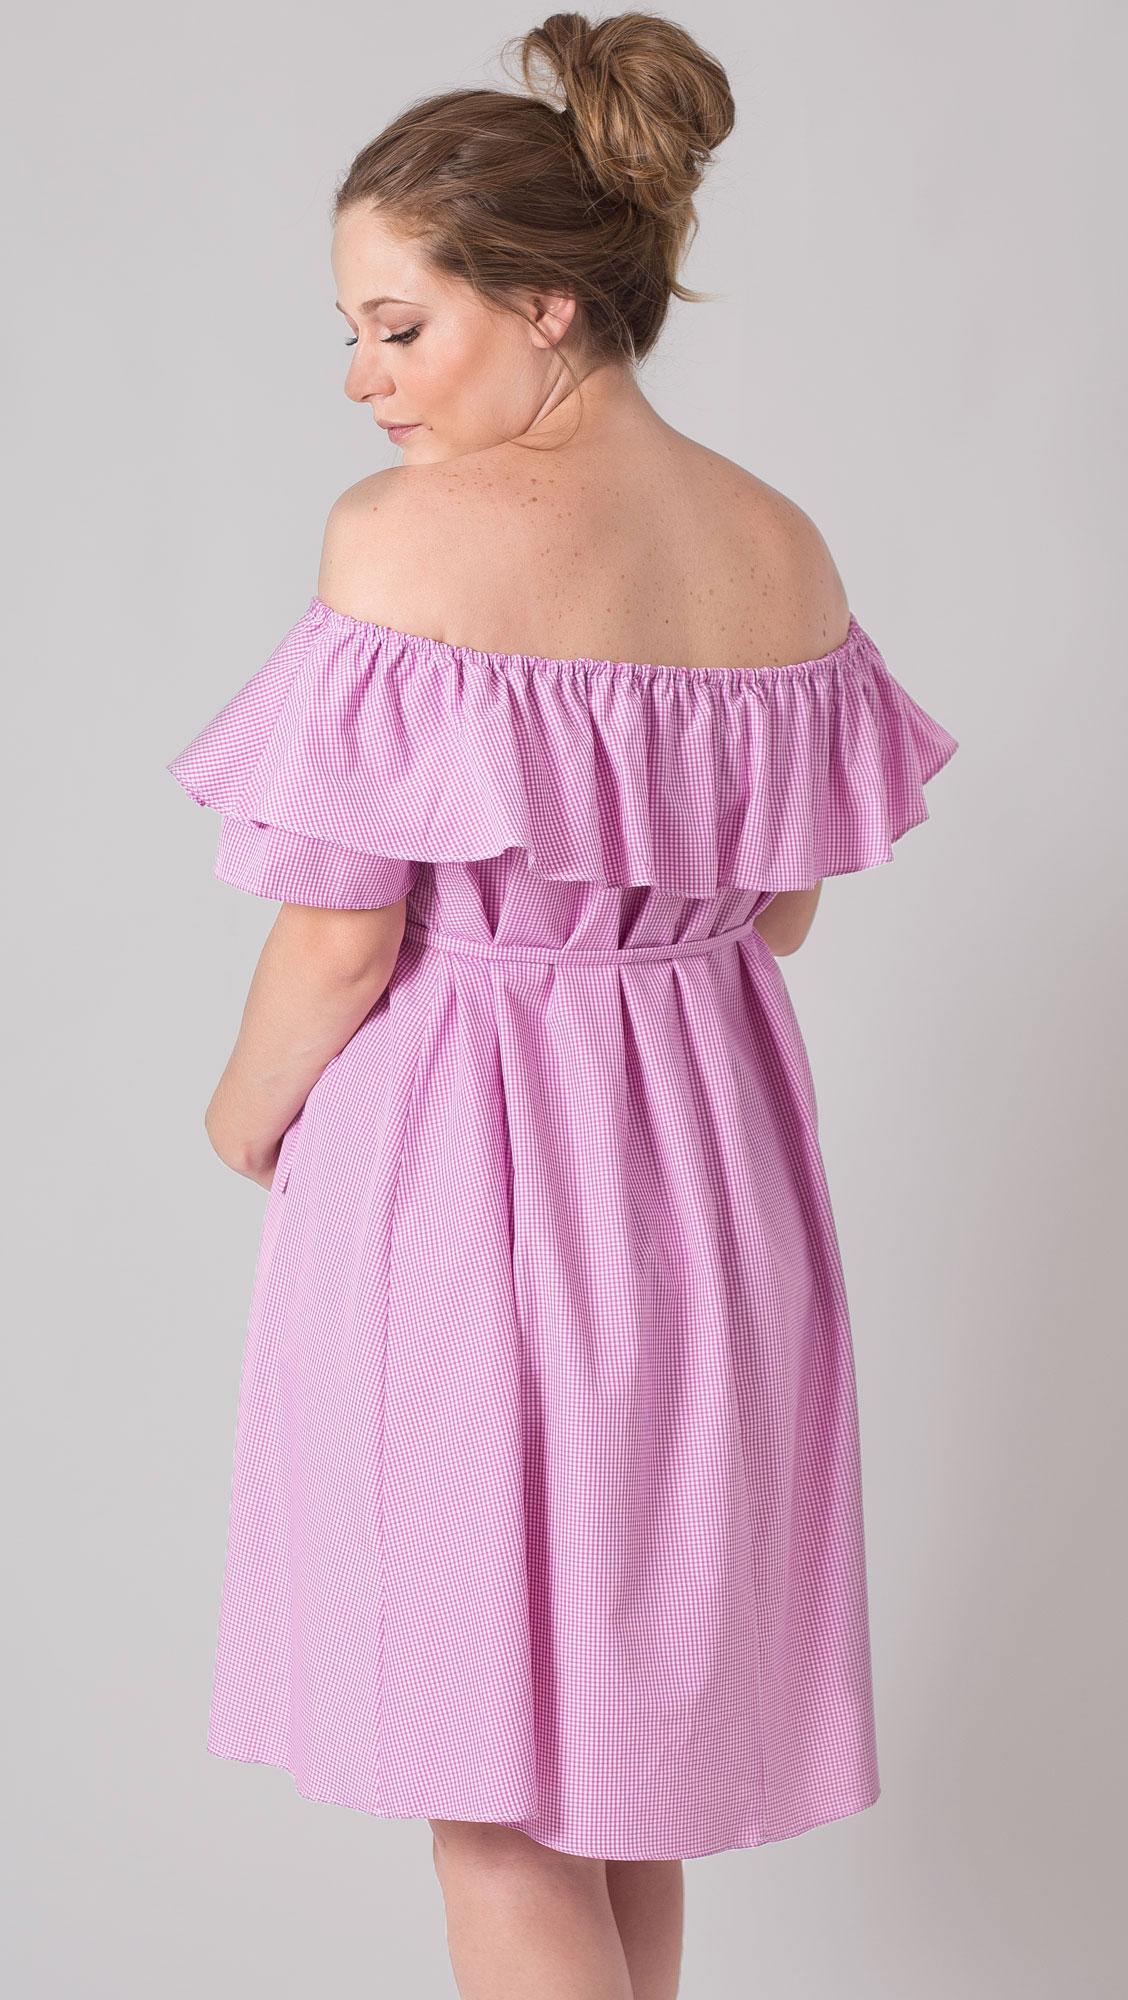 Vestido Hombros descubiertos corto - La tiendita de Conita